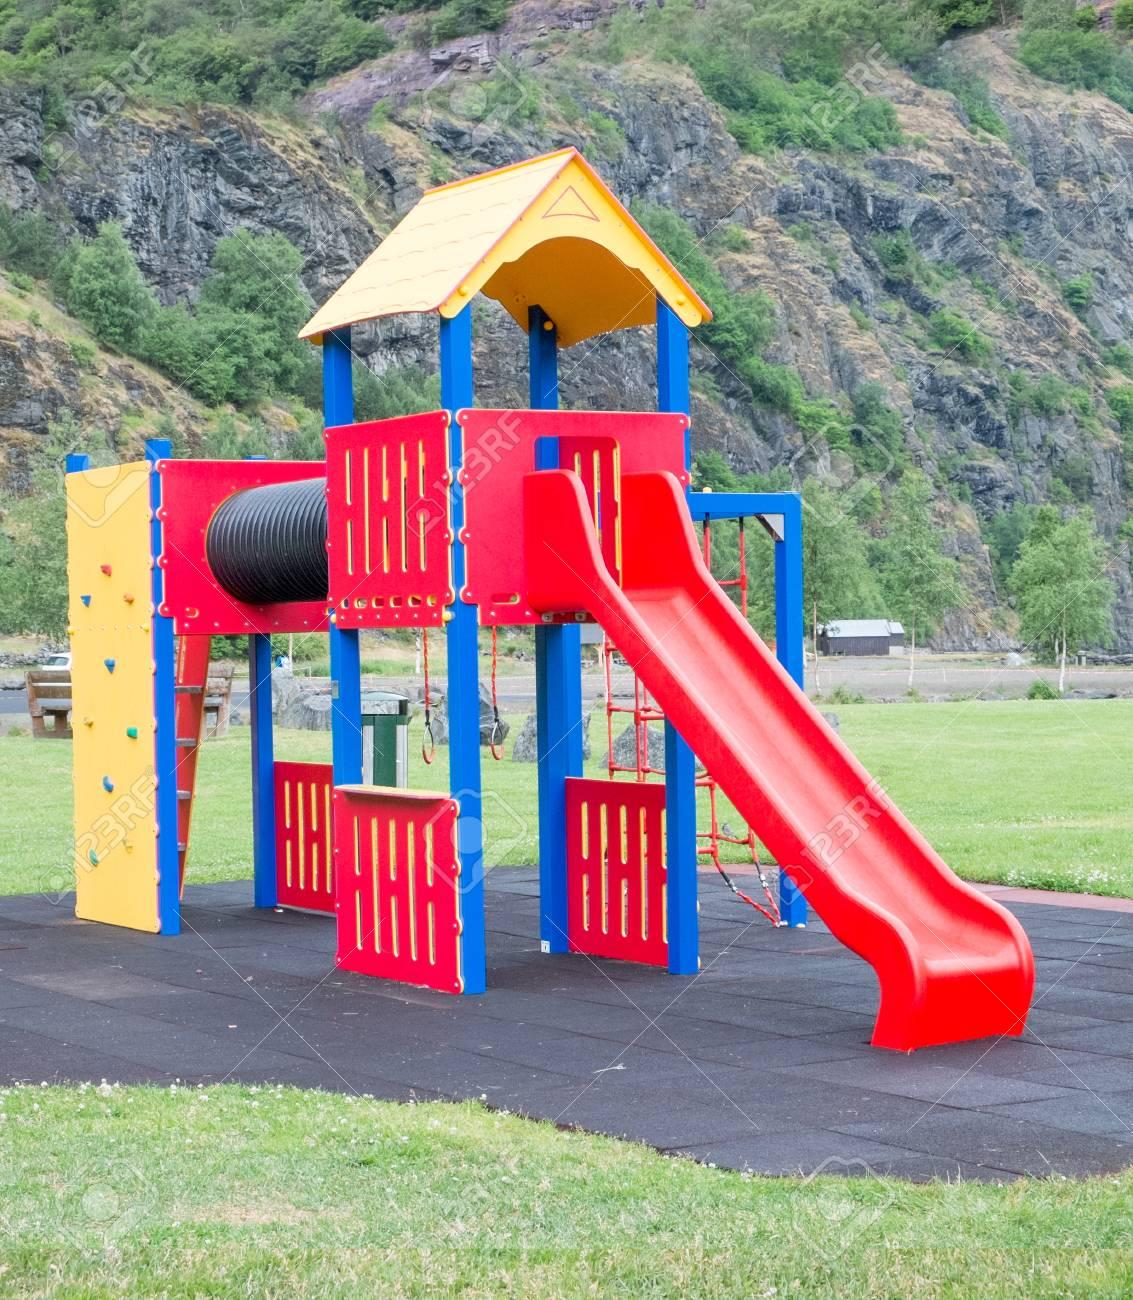 Ninos Coloridos Juegos Infantiles En El Parque En El Parque Fotos